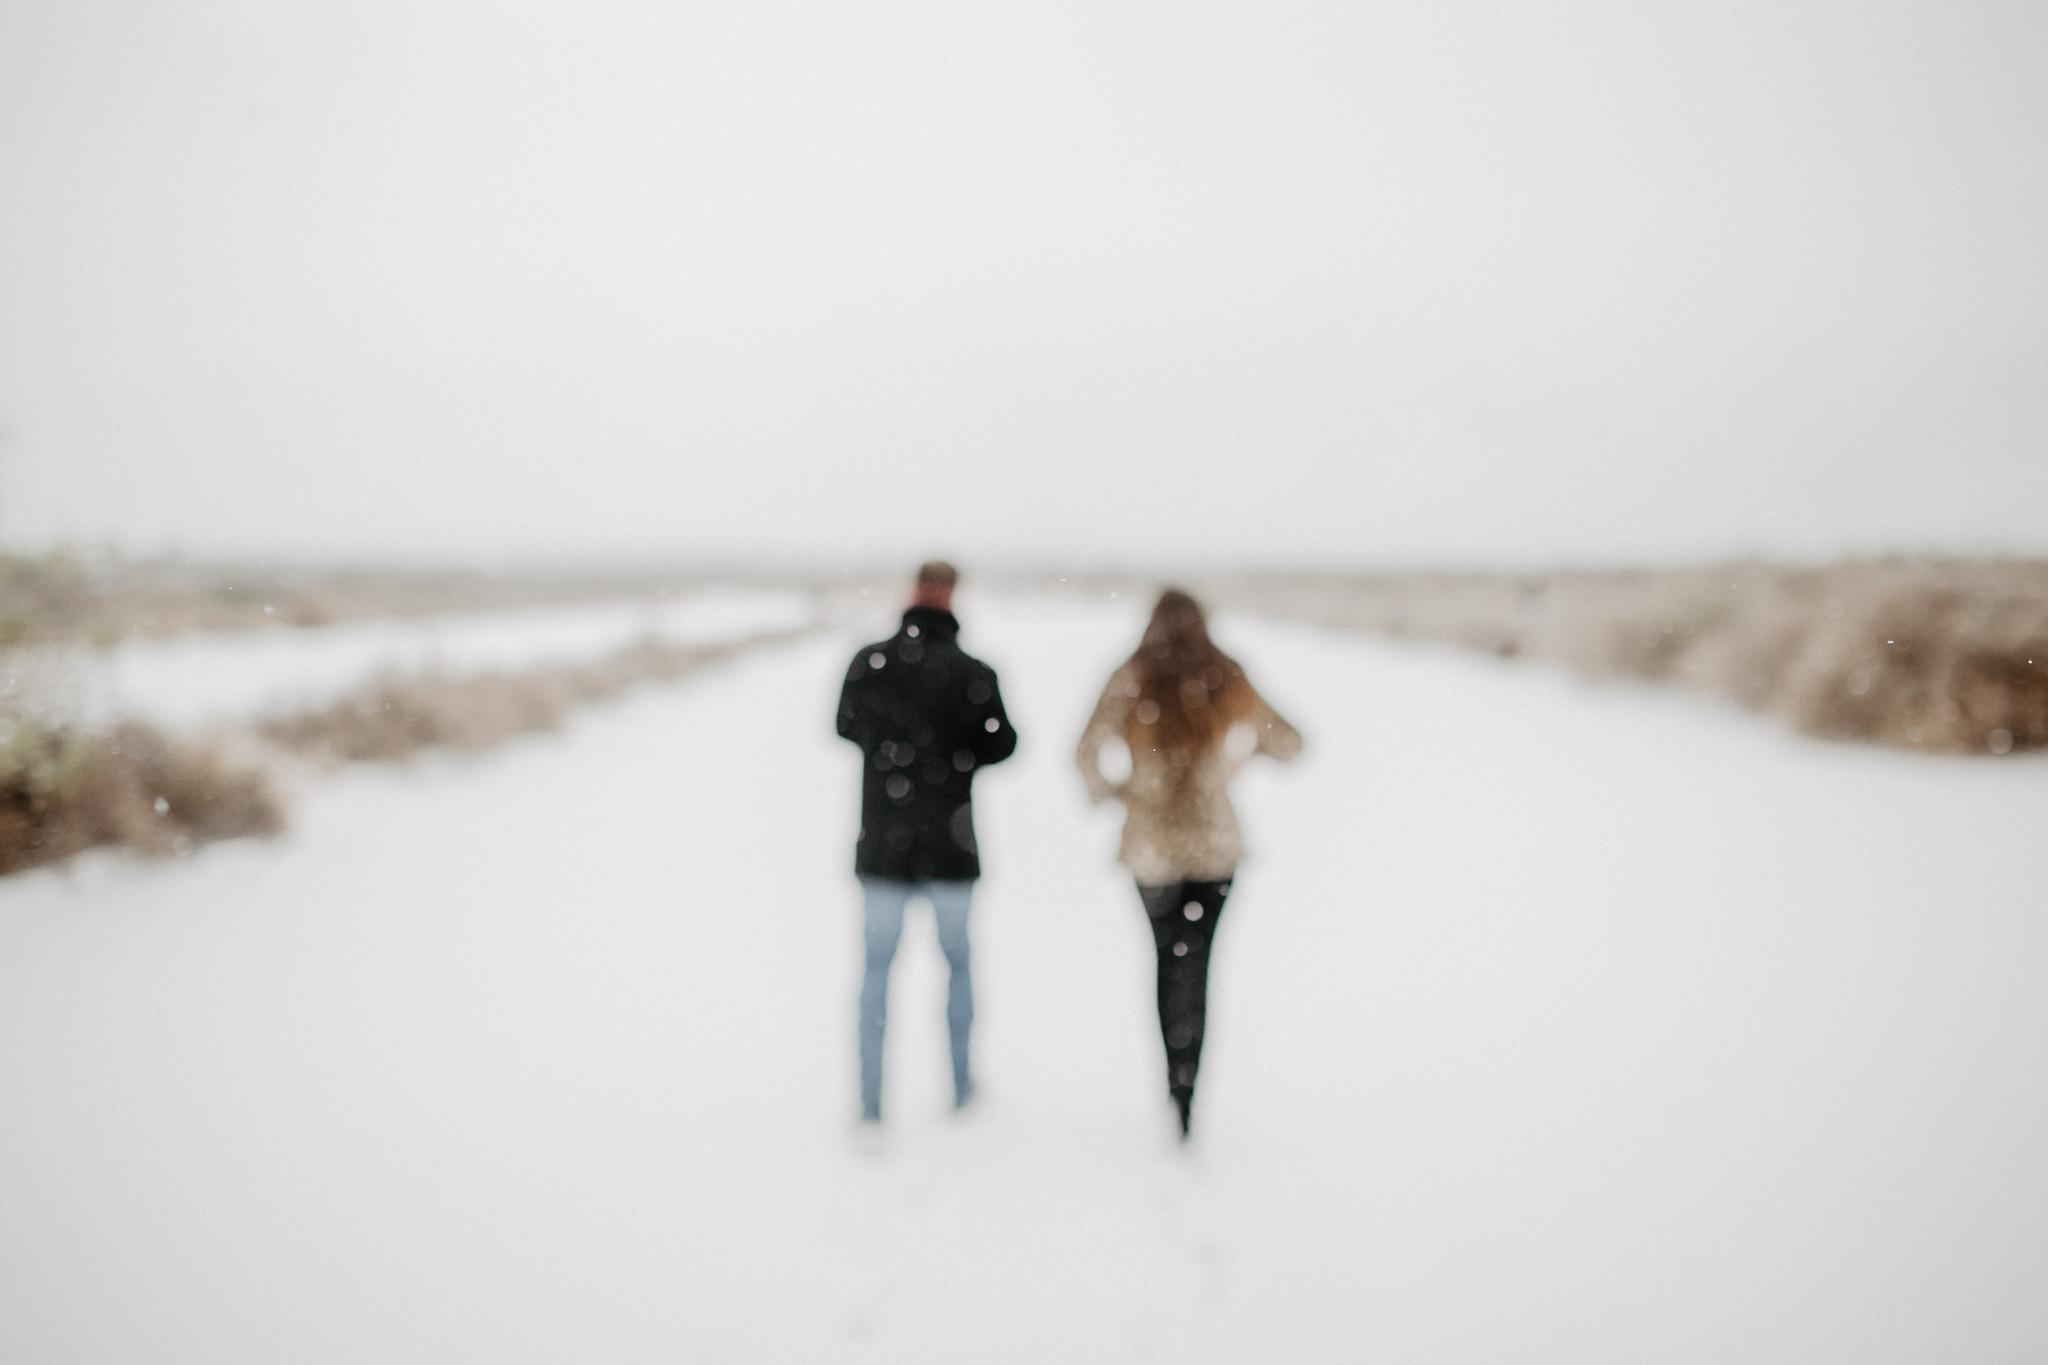 sesion-en-la-nieve-IMG_2978.jpg